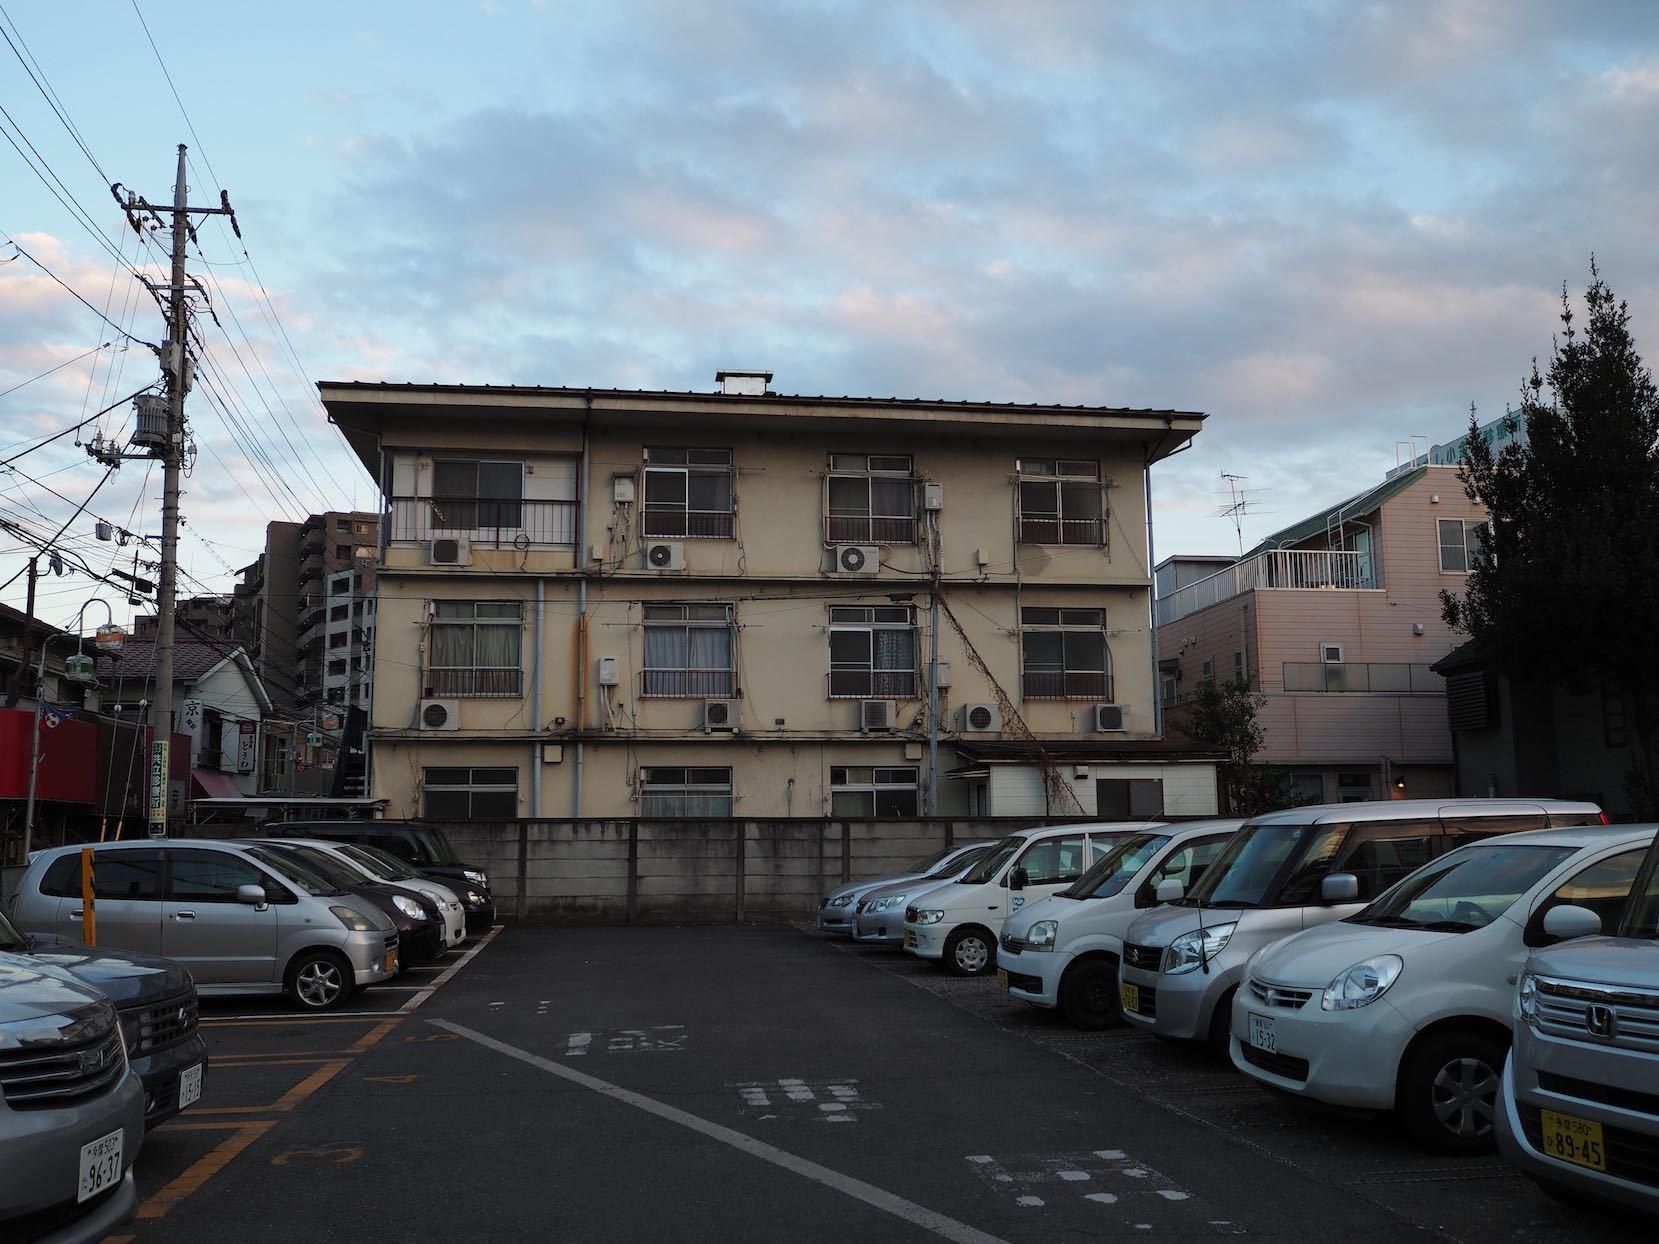 武蔵小金井駅周辺13_b0360240_00001212.jpg